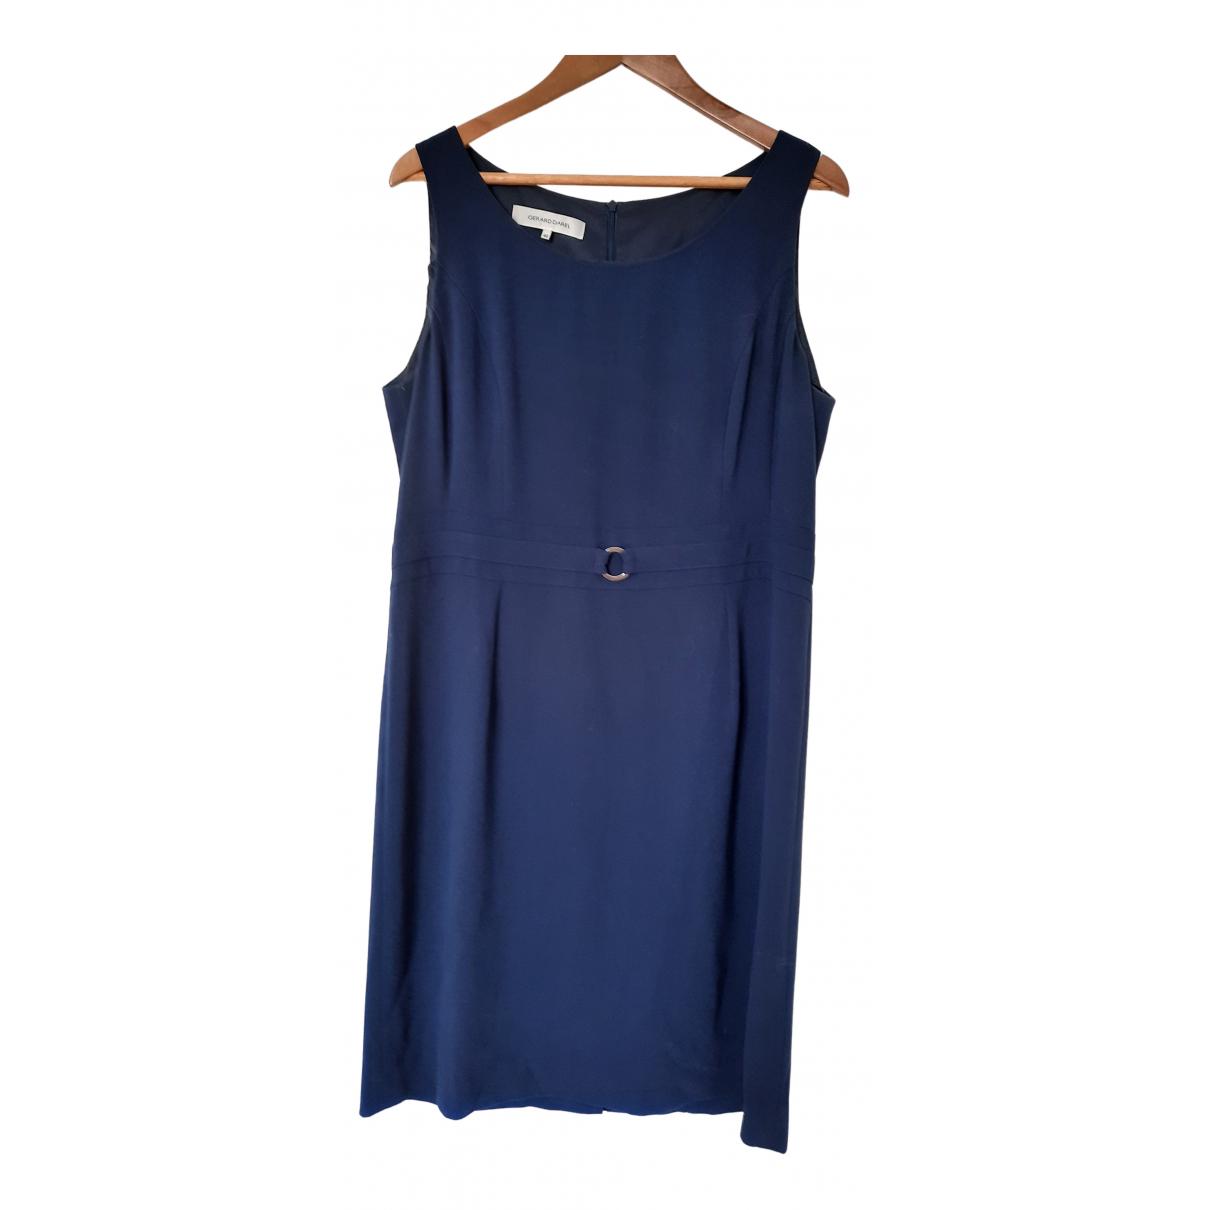 Gerard Darel \N Kleid in  Blau Polyester